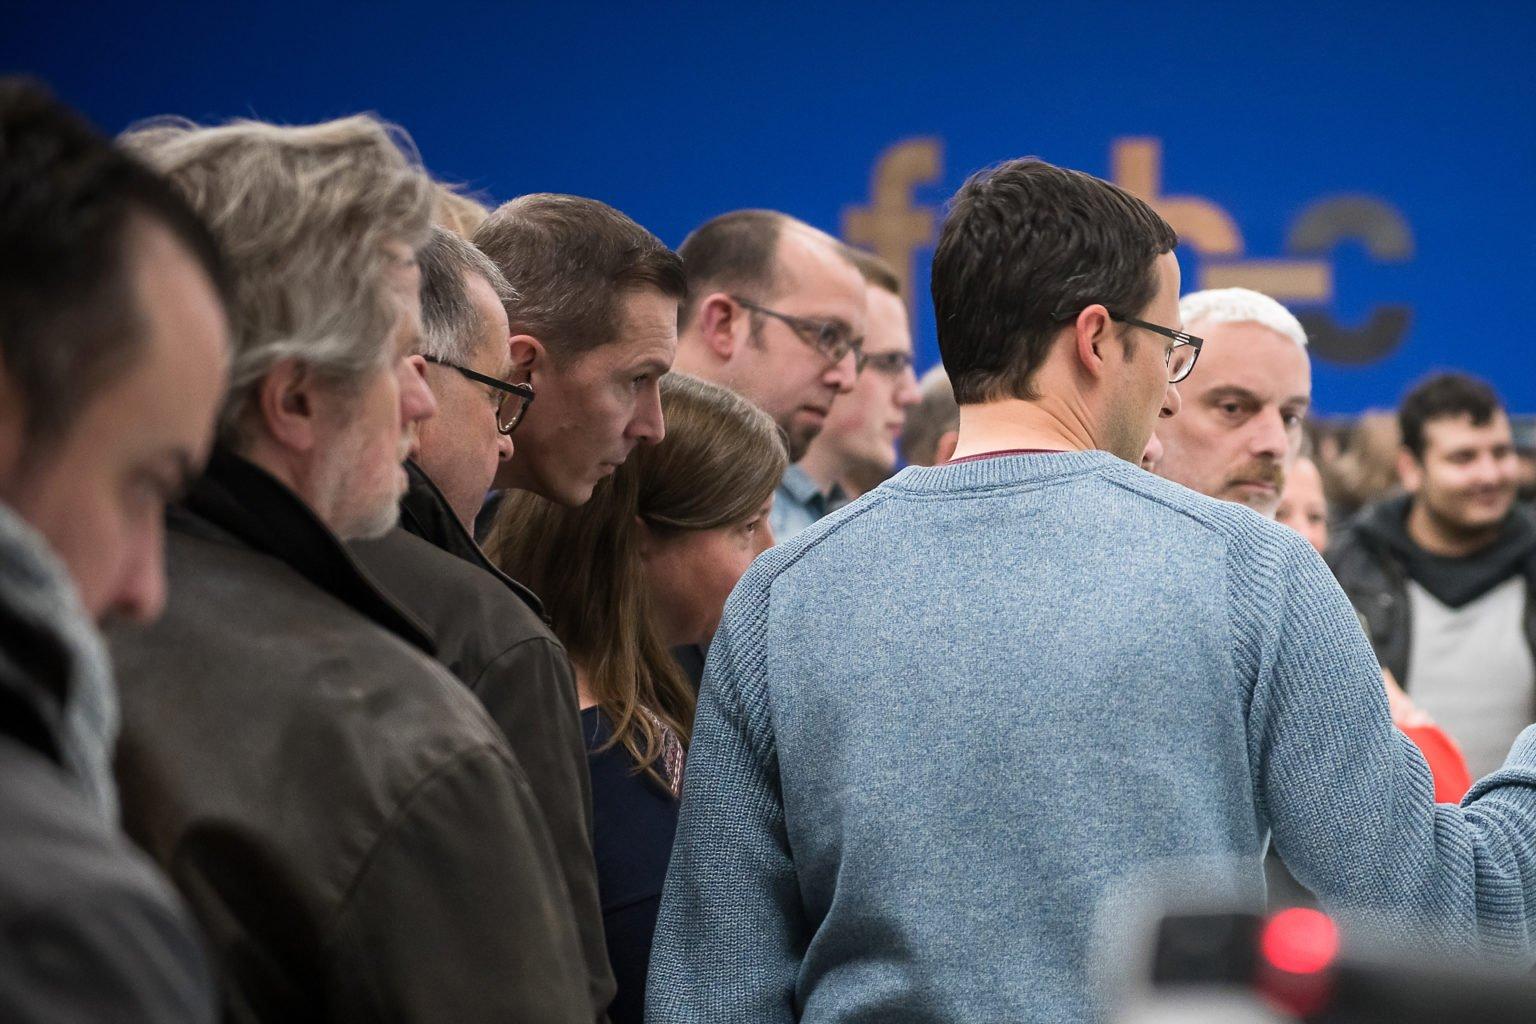 Démonstration et explication lors de l'inauguration du FabLab de Charleroi, événement d'entreprise par Aurore Delsoir photographe d'entreprise à Bruxelles et en Wallonie